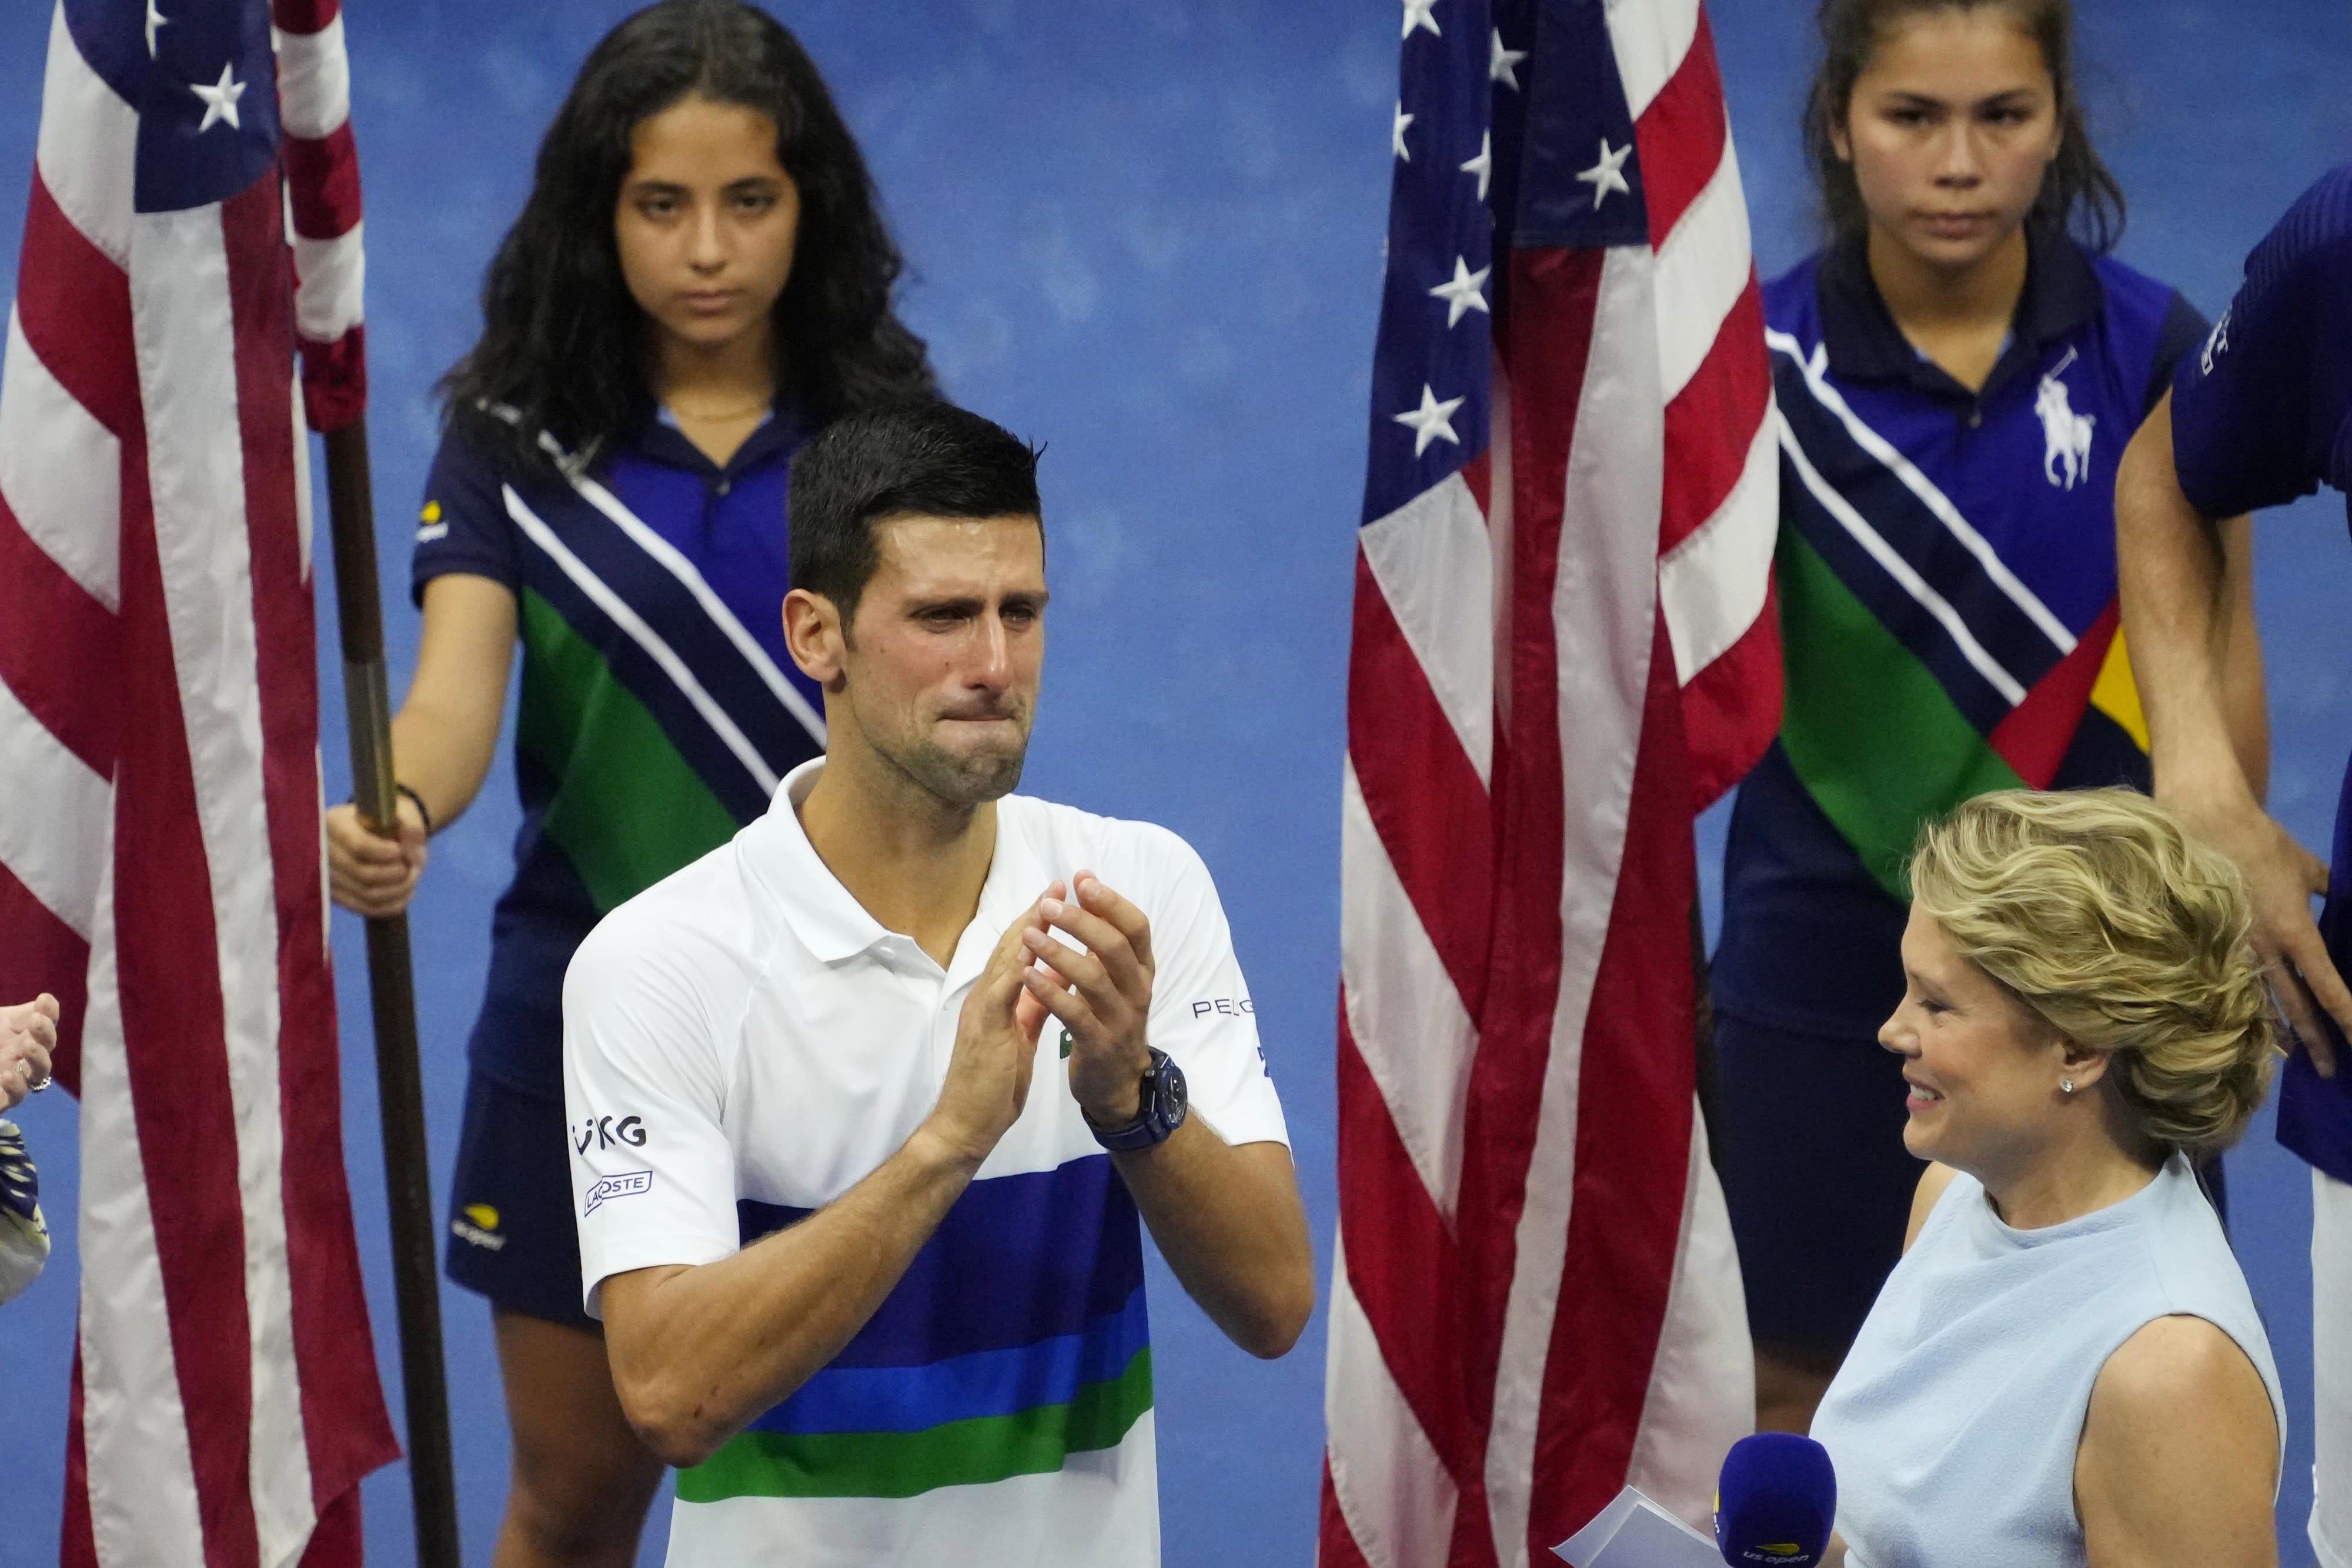 נובאק דג'וקוביץ' בוכה אחרי ההפסד בגמר אליפות ארה